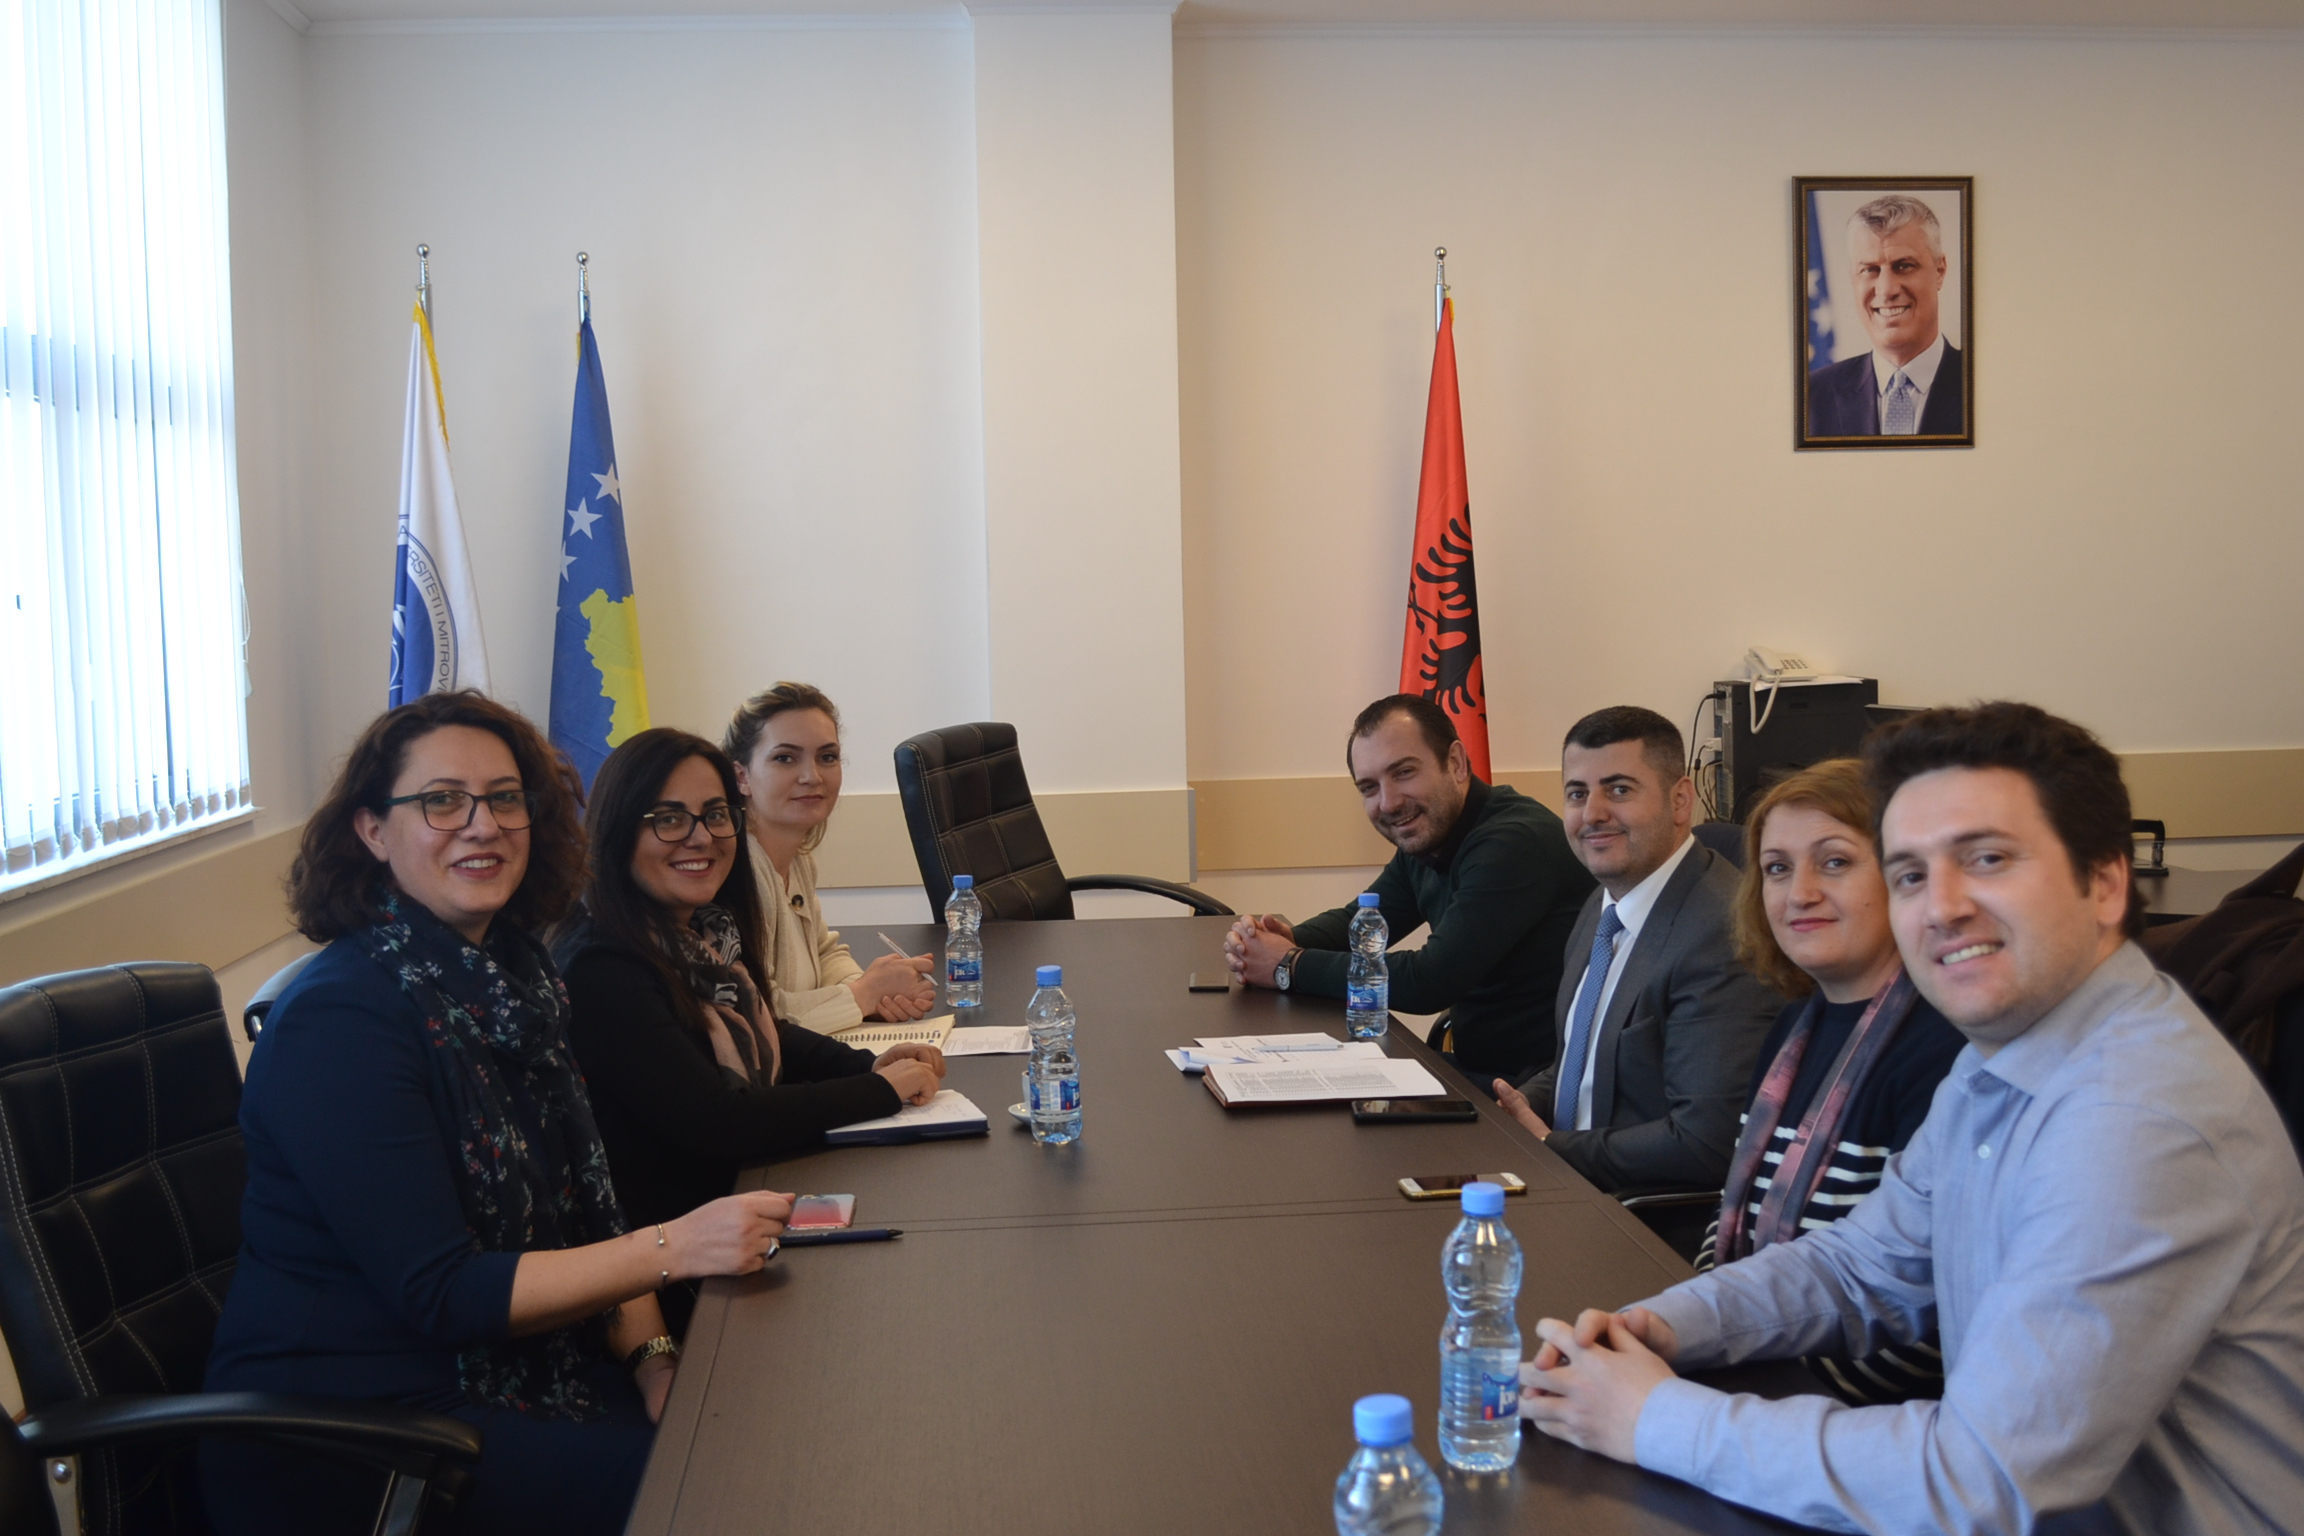 Një Ekip I Erasmus+ Realizoi Një Vizitë Monitoruese Në UMIB